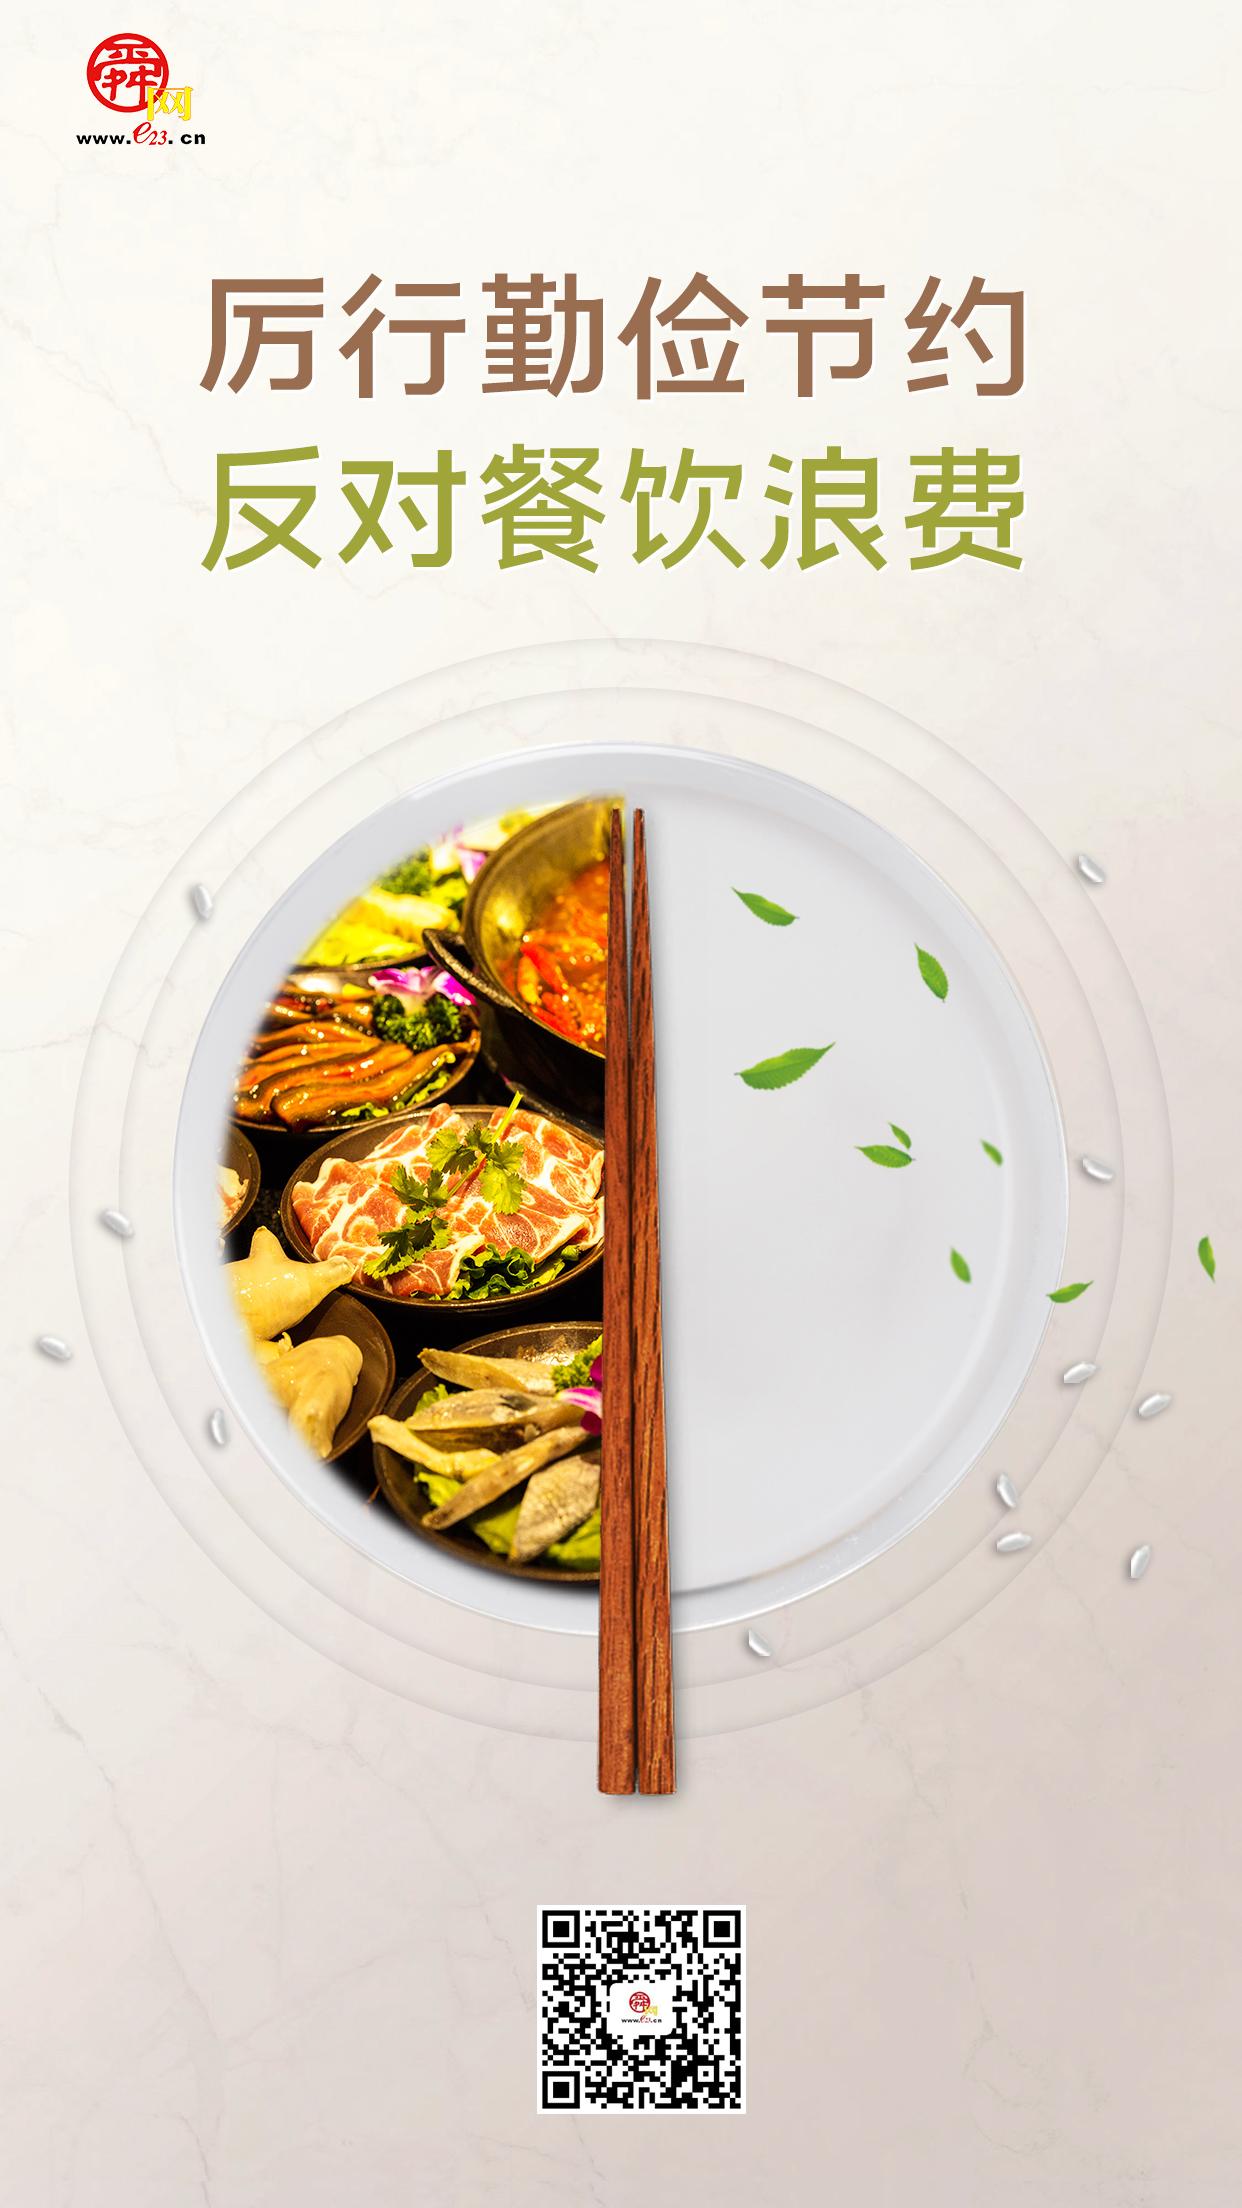 讲文明树新风公益广告:厉行勤俭节约 反对餐饮浪费